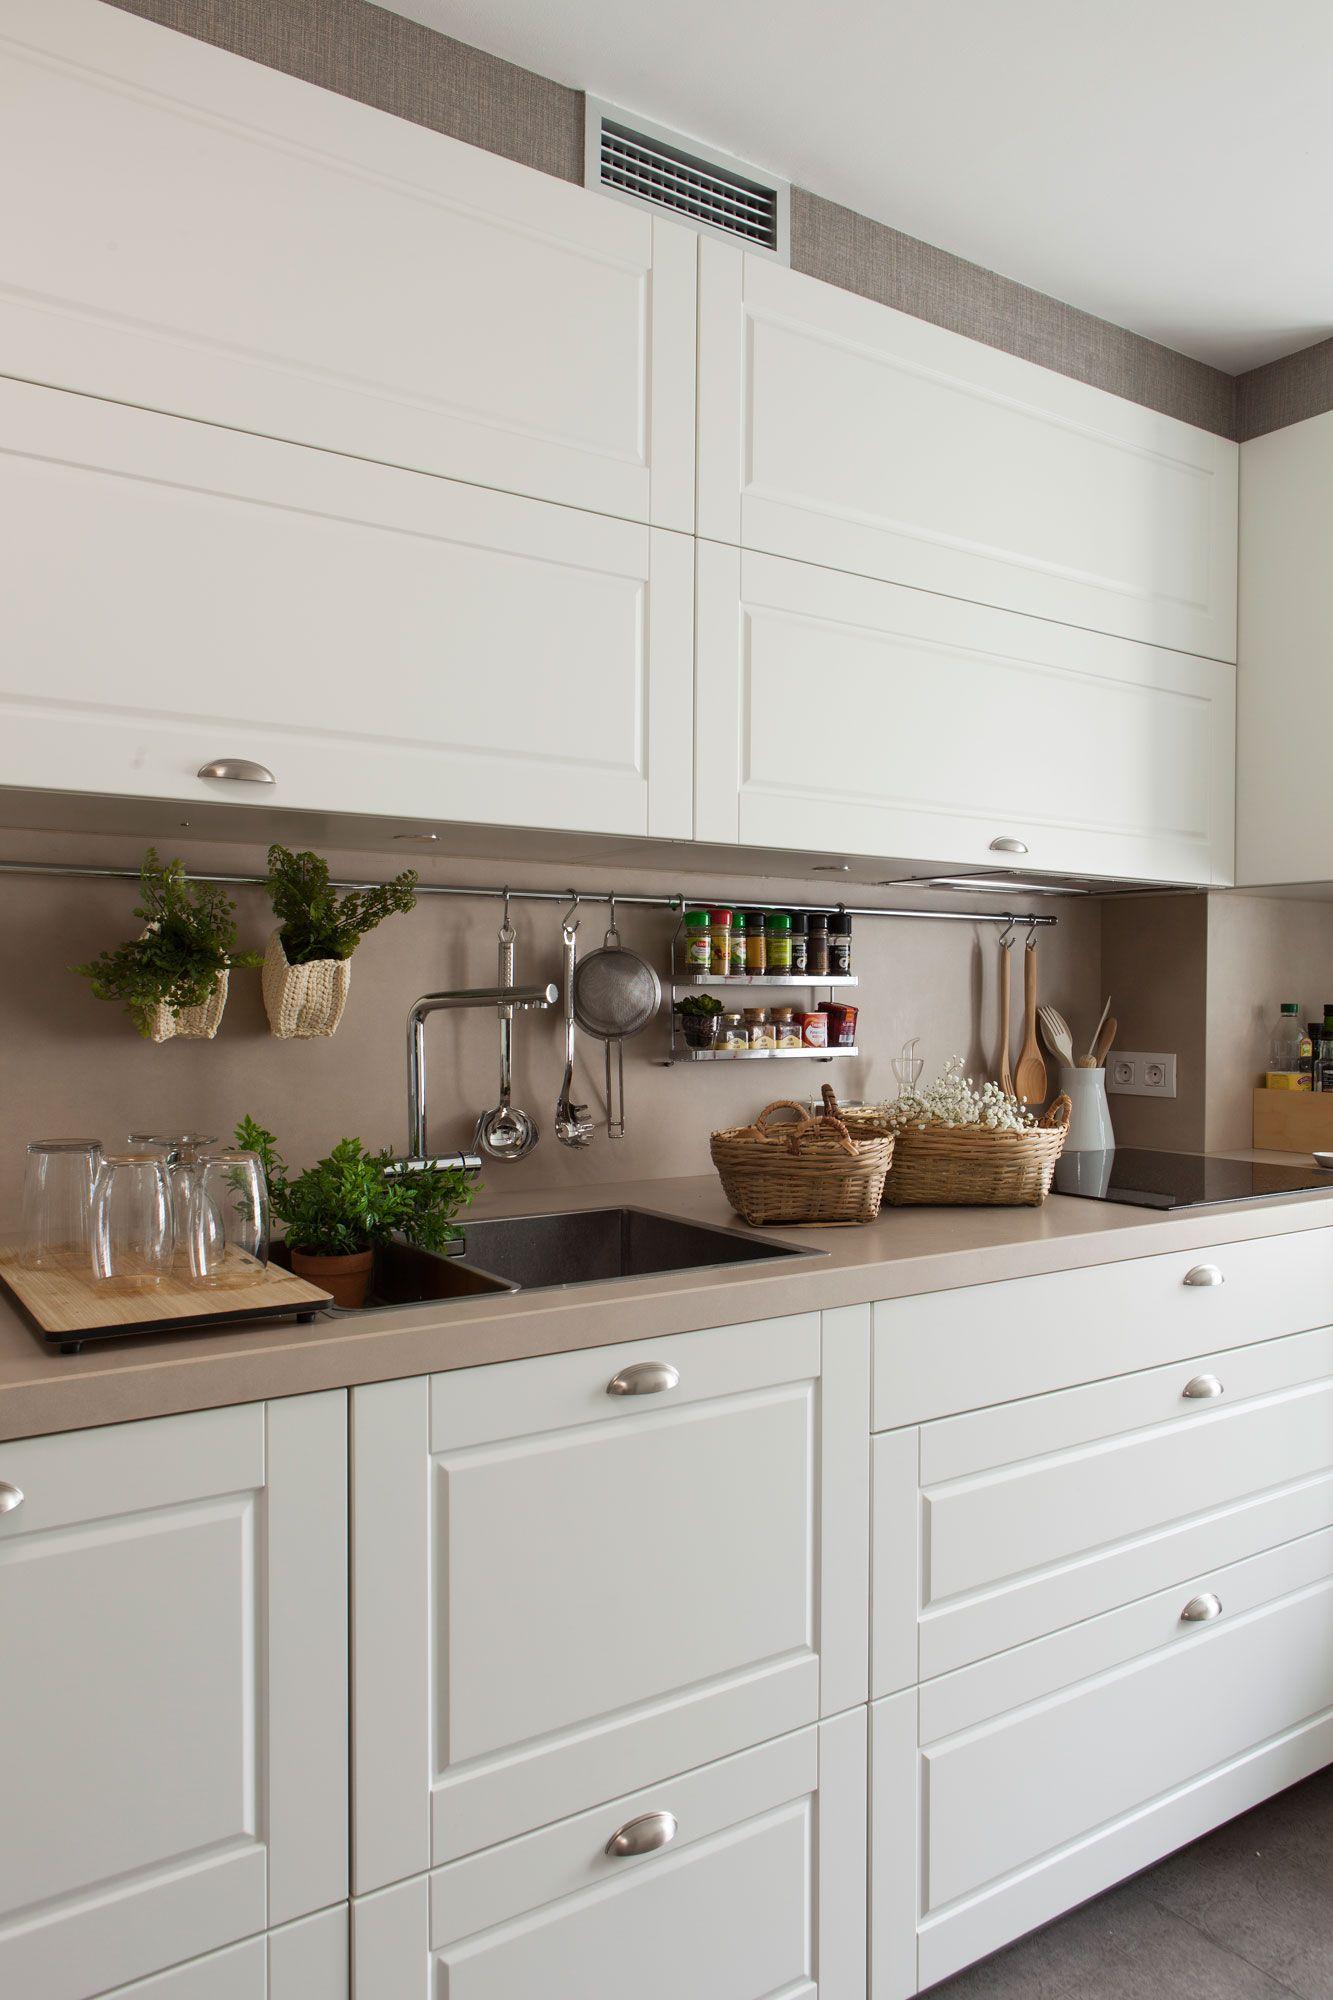 Detalle de armarios de cocina altos y bajos. 00438277 Ob | Cocinas ...